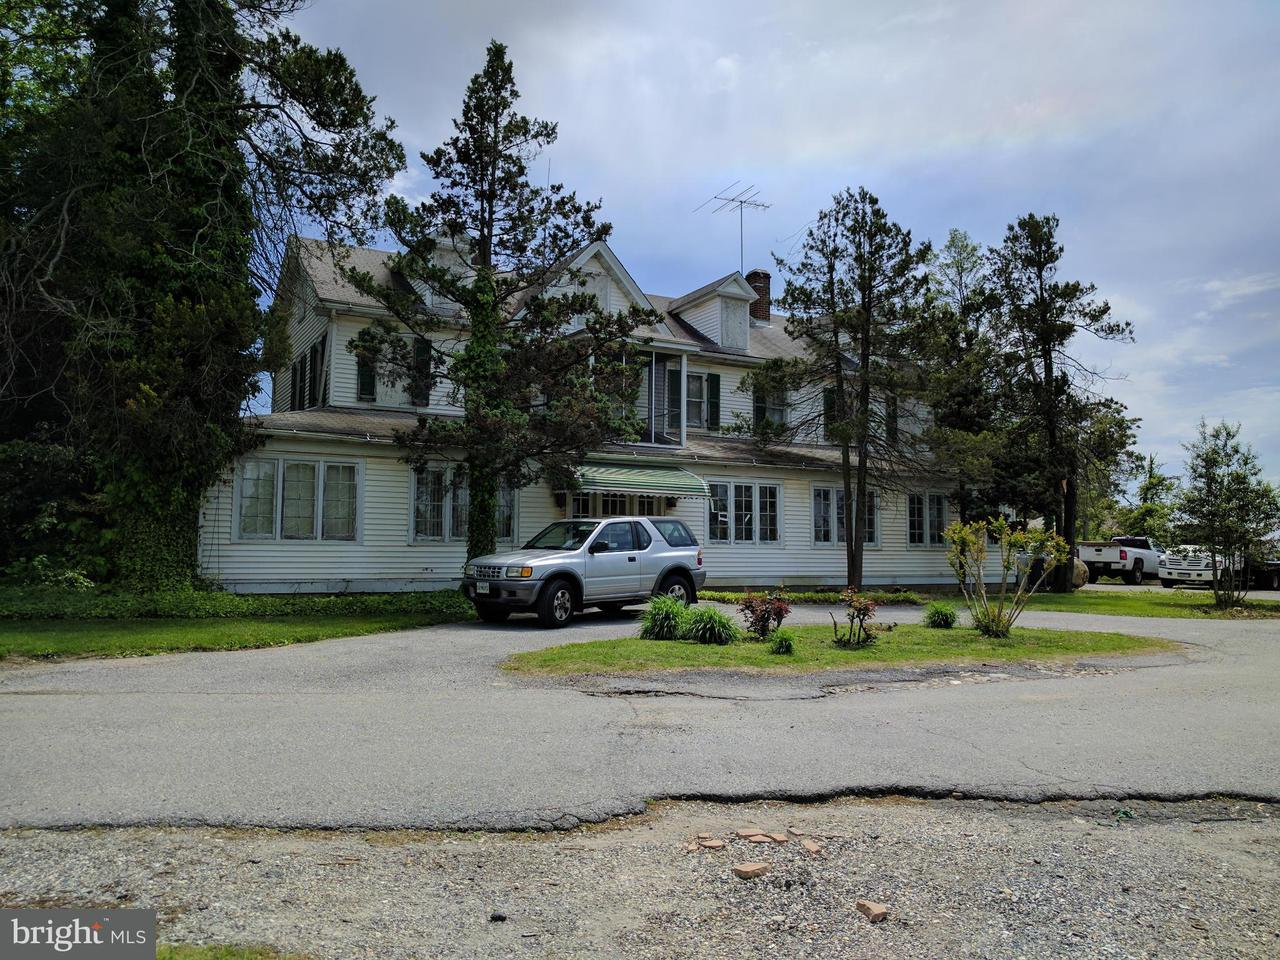 Οικόπεδο για την Πώληση στο 2957 Jessup Road 2957 Jessup Road Jessup, Μεριλαντ 20794 Ηνωμενεσ Πολιτειεσ